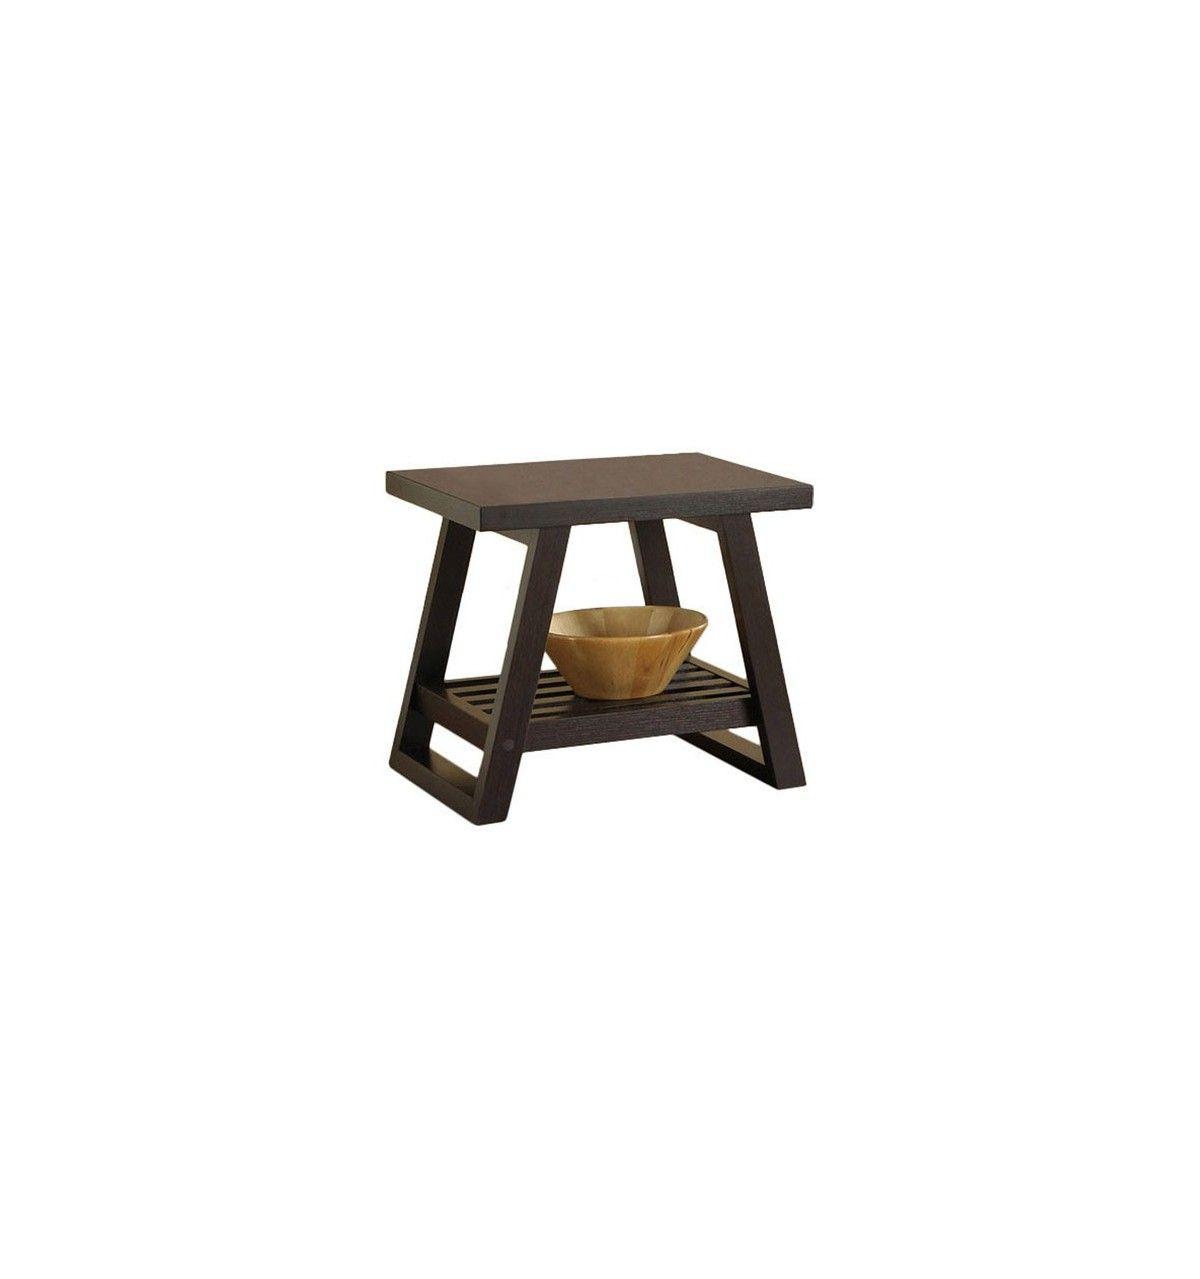 Muebles de madera para decorar la sala de tu casa. Mesas de centro ...